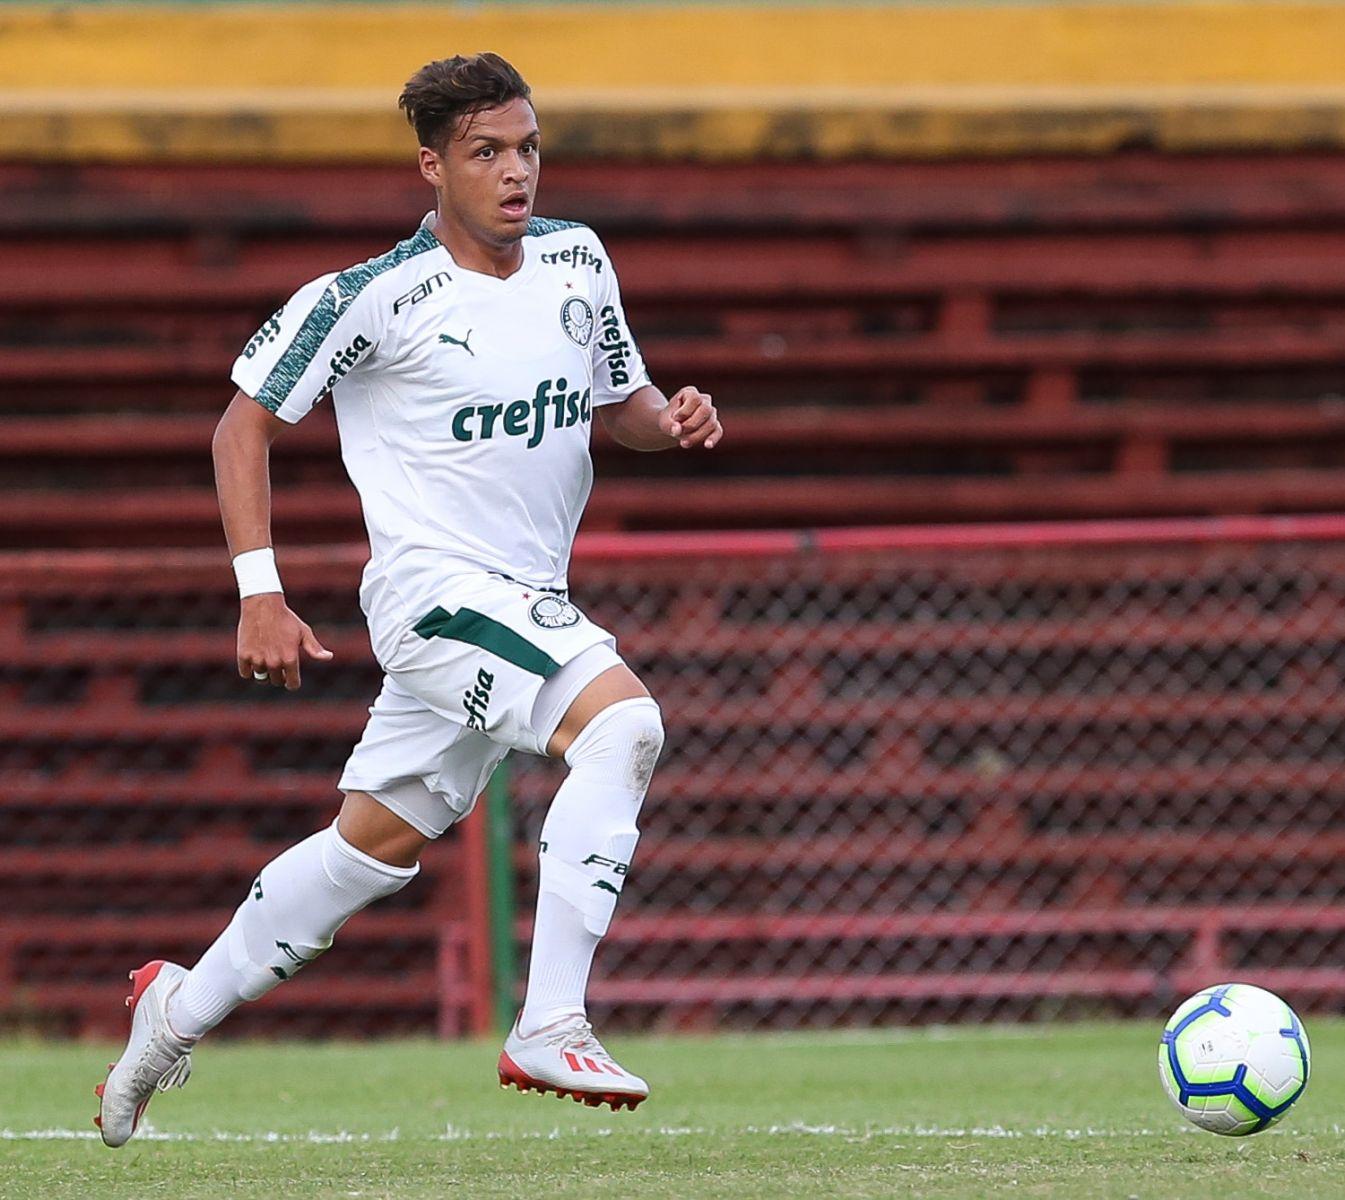 Fabio Menotti/Ag. Palmeiras/Divulgação_O atacante Daniel Melo marcou duas vezes na vitória do Sub-17